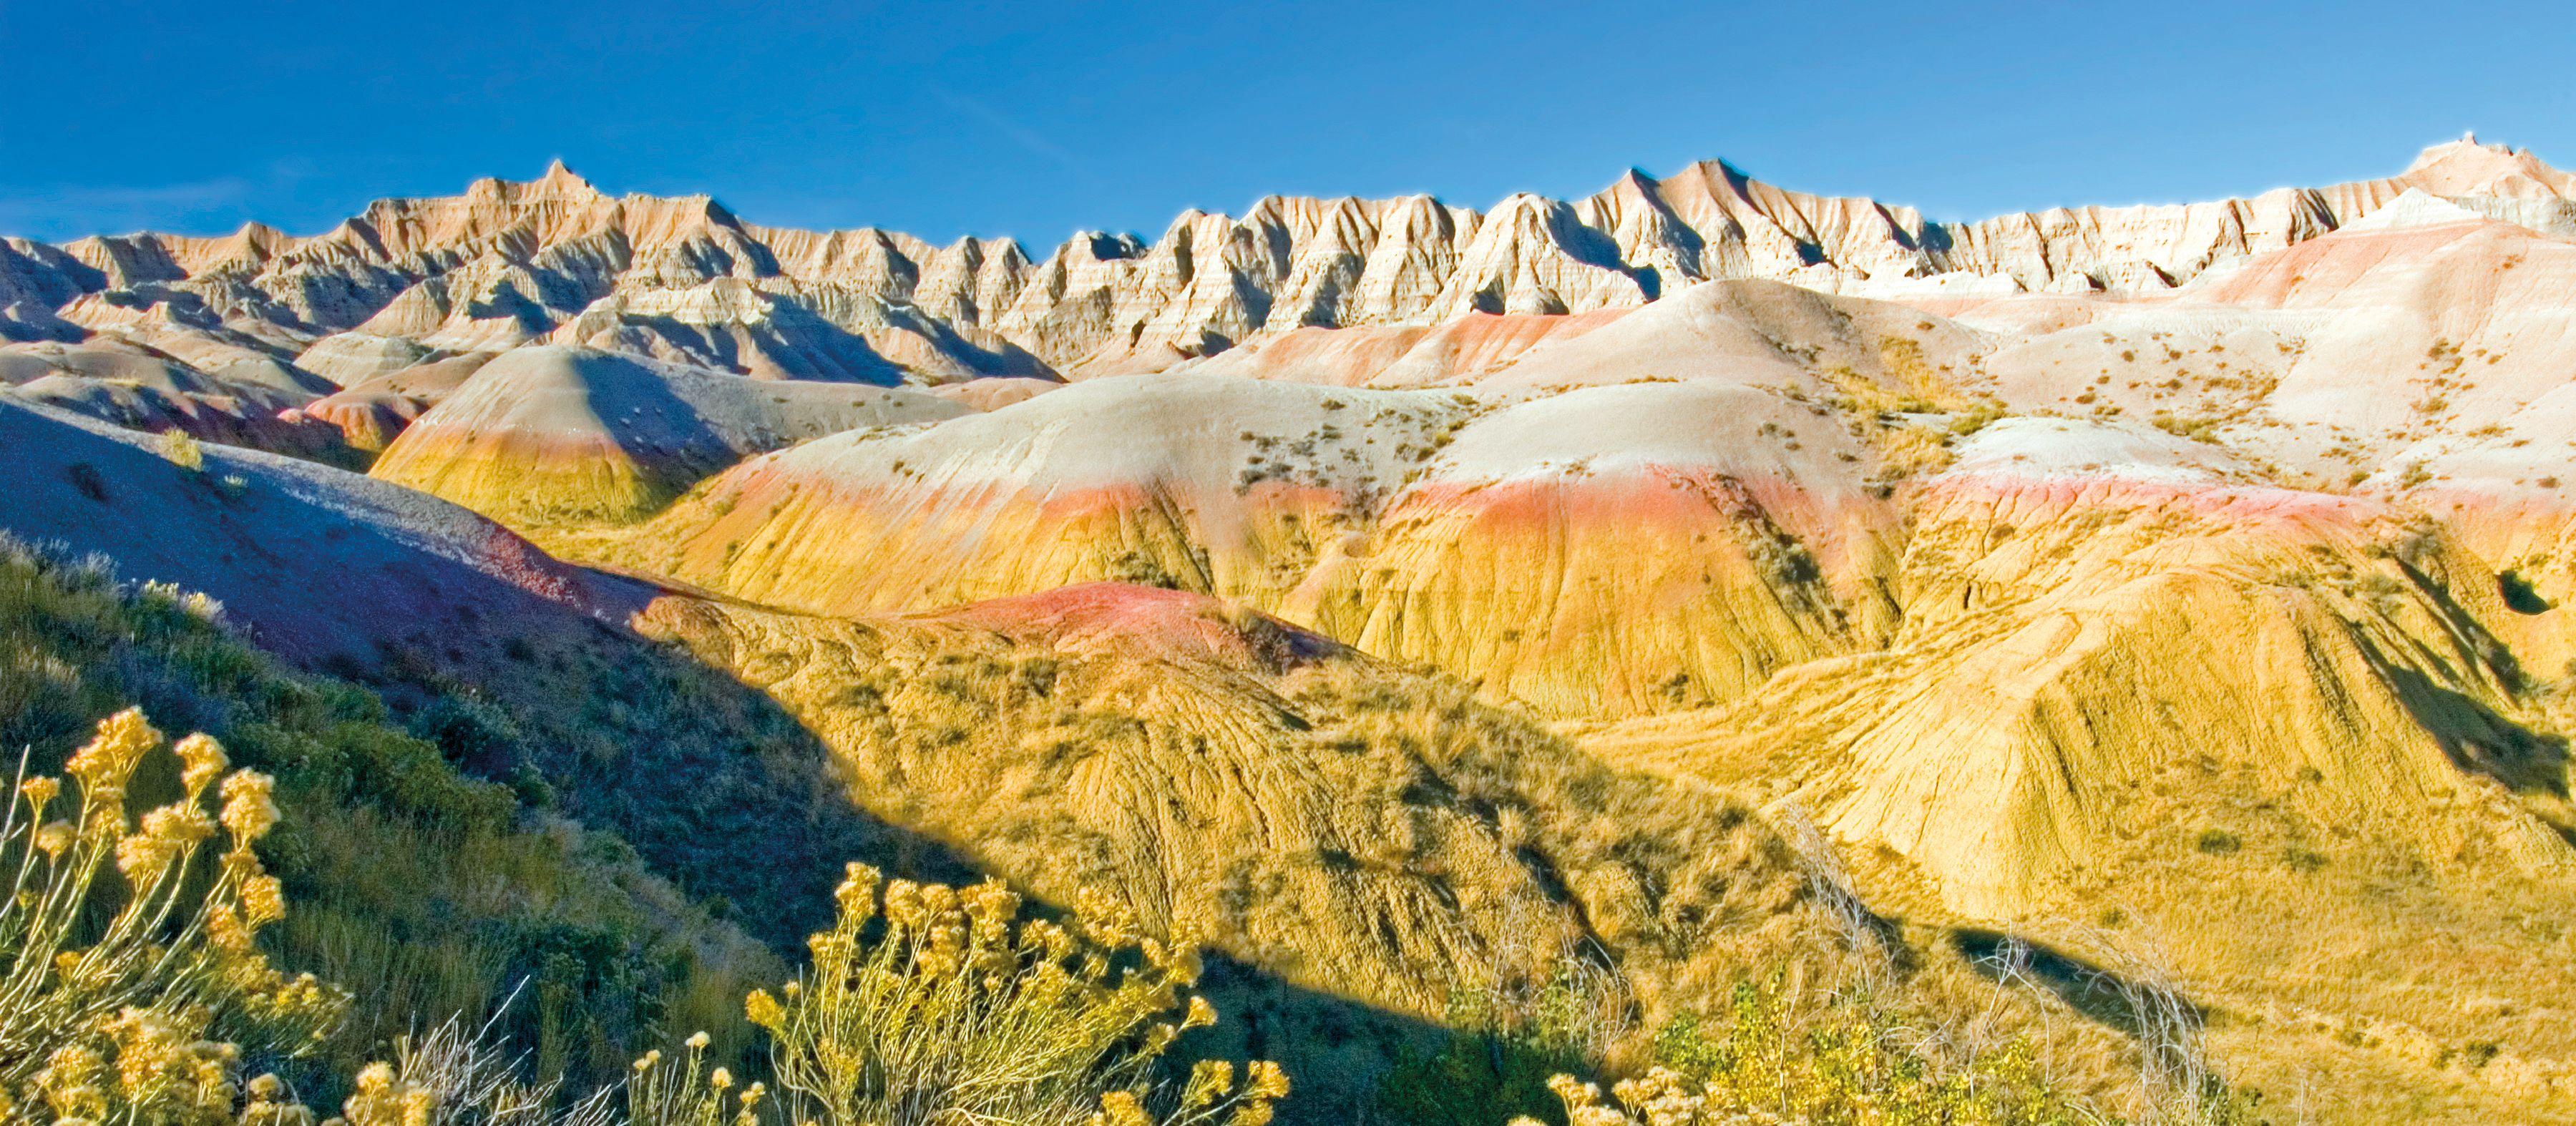 Landschaft im Badlands National Park